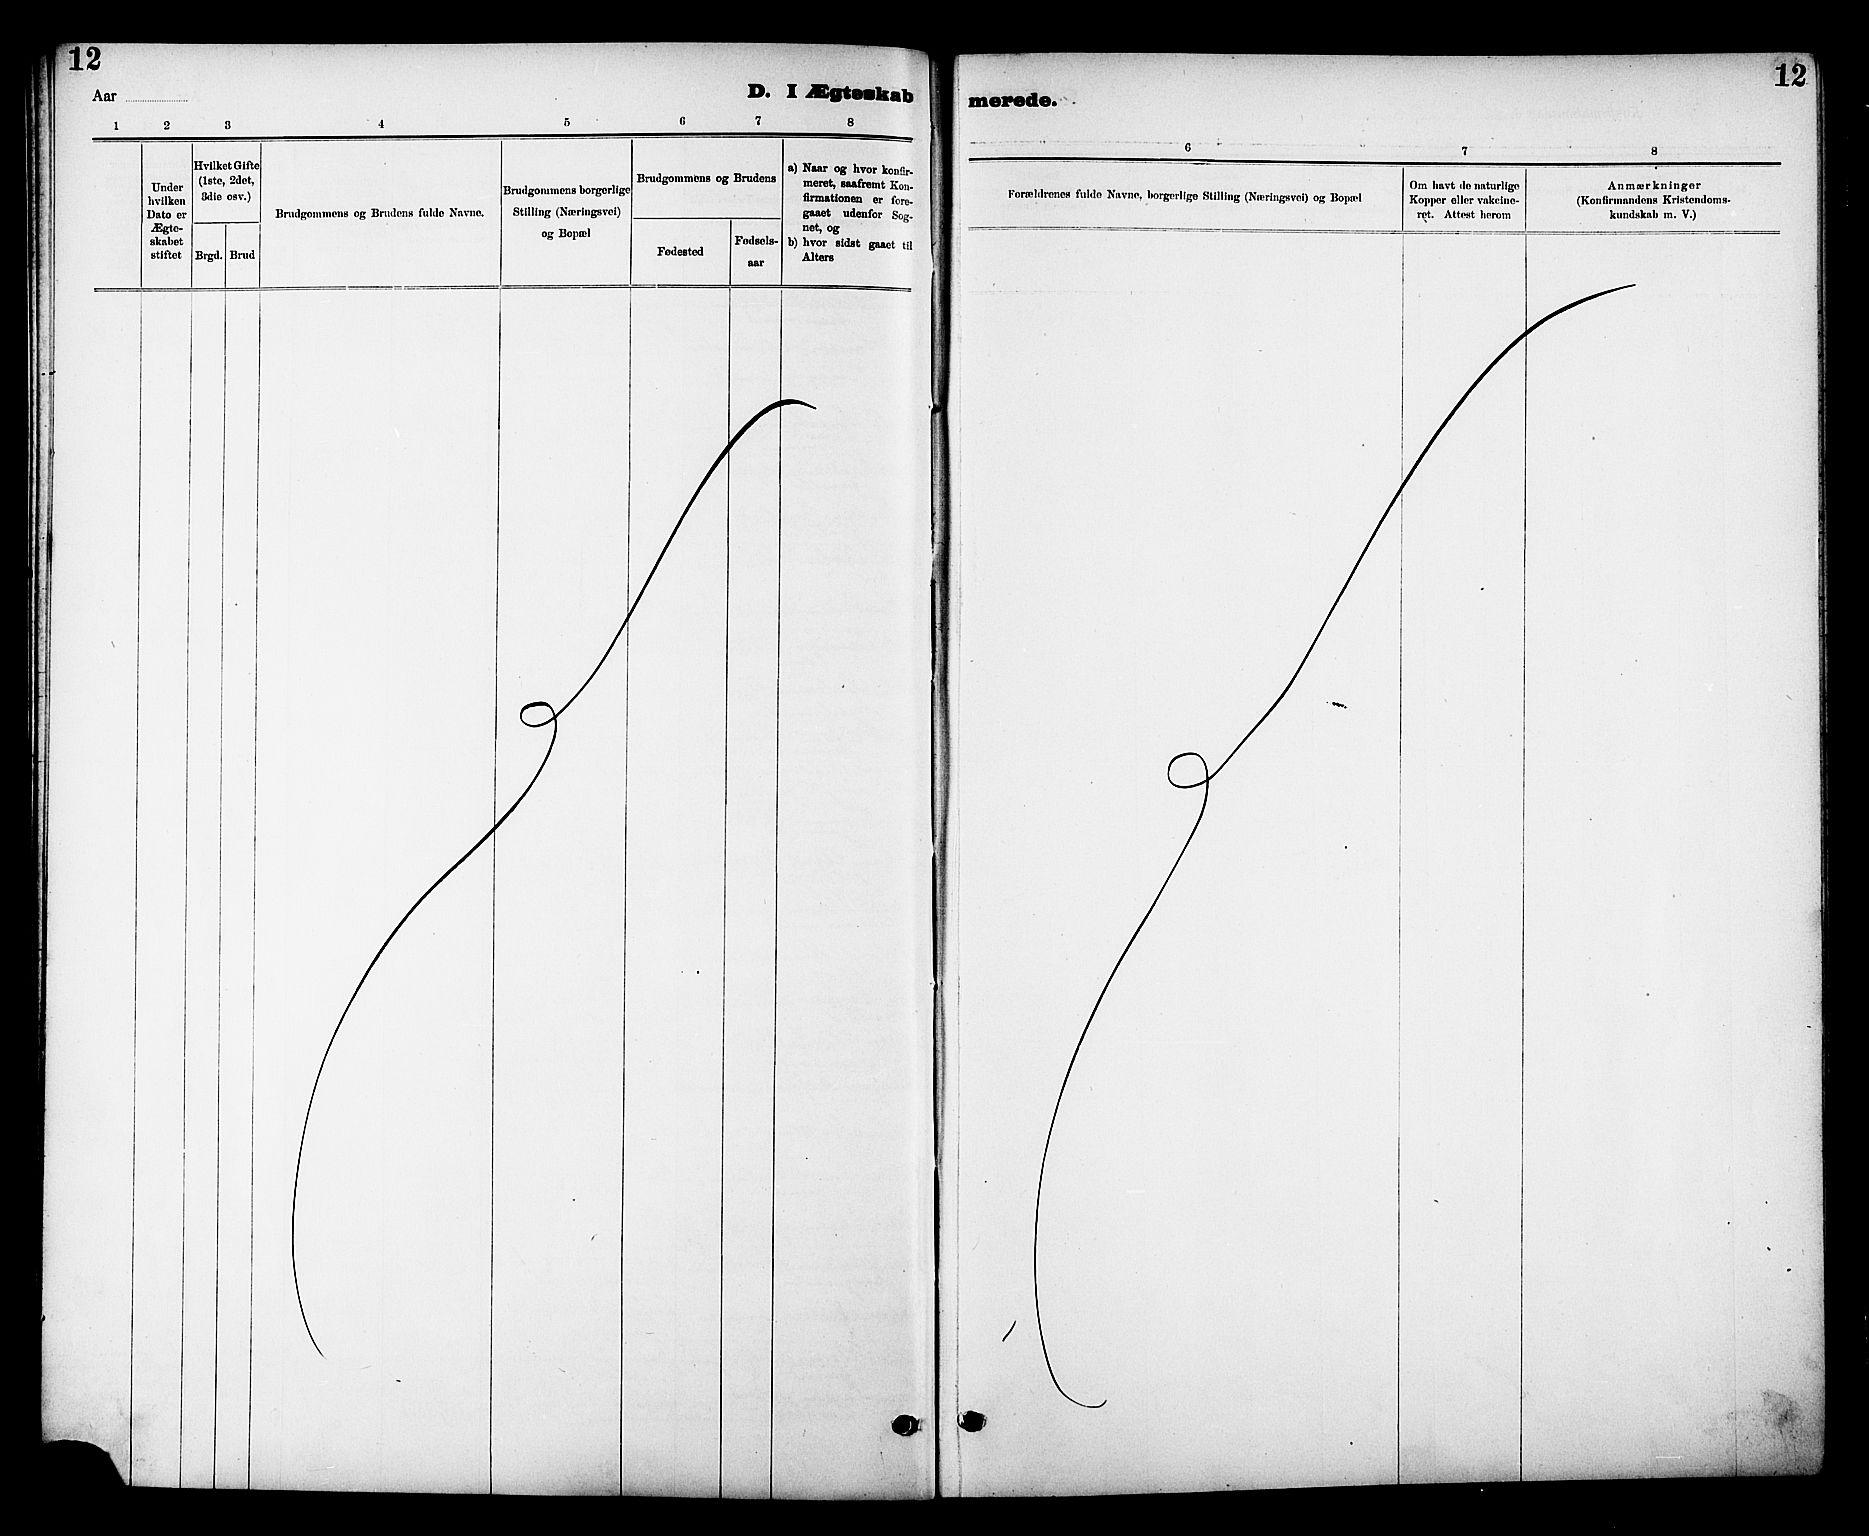 SAT, Ministerialprotokoller, klokkerbøker og fødselsregistre - Sør-Trøndelag, 605/L0255: Klokkerbok nr. 605C02, 1908-1918, s. 12